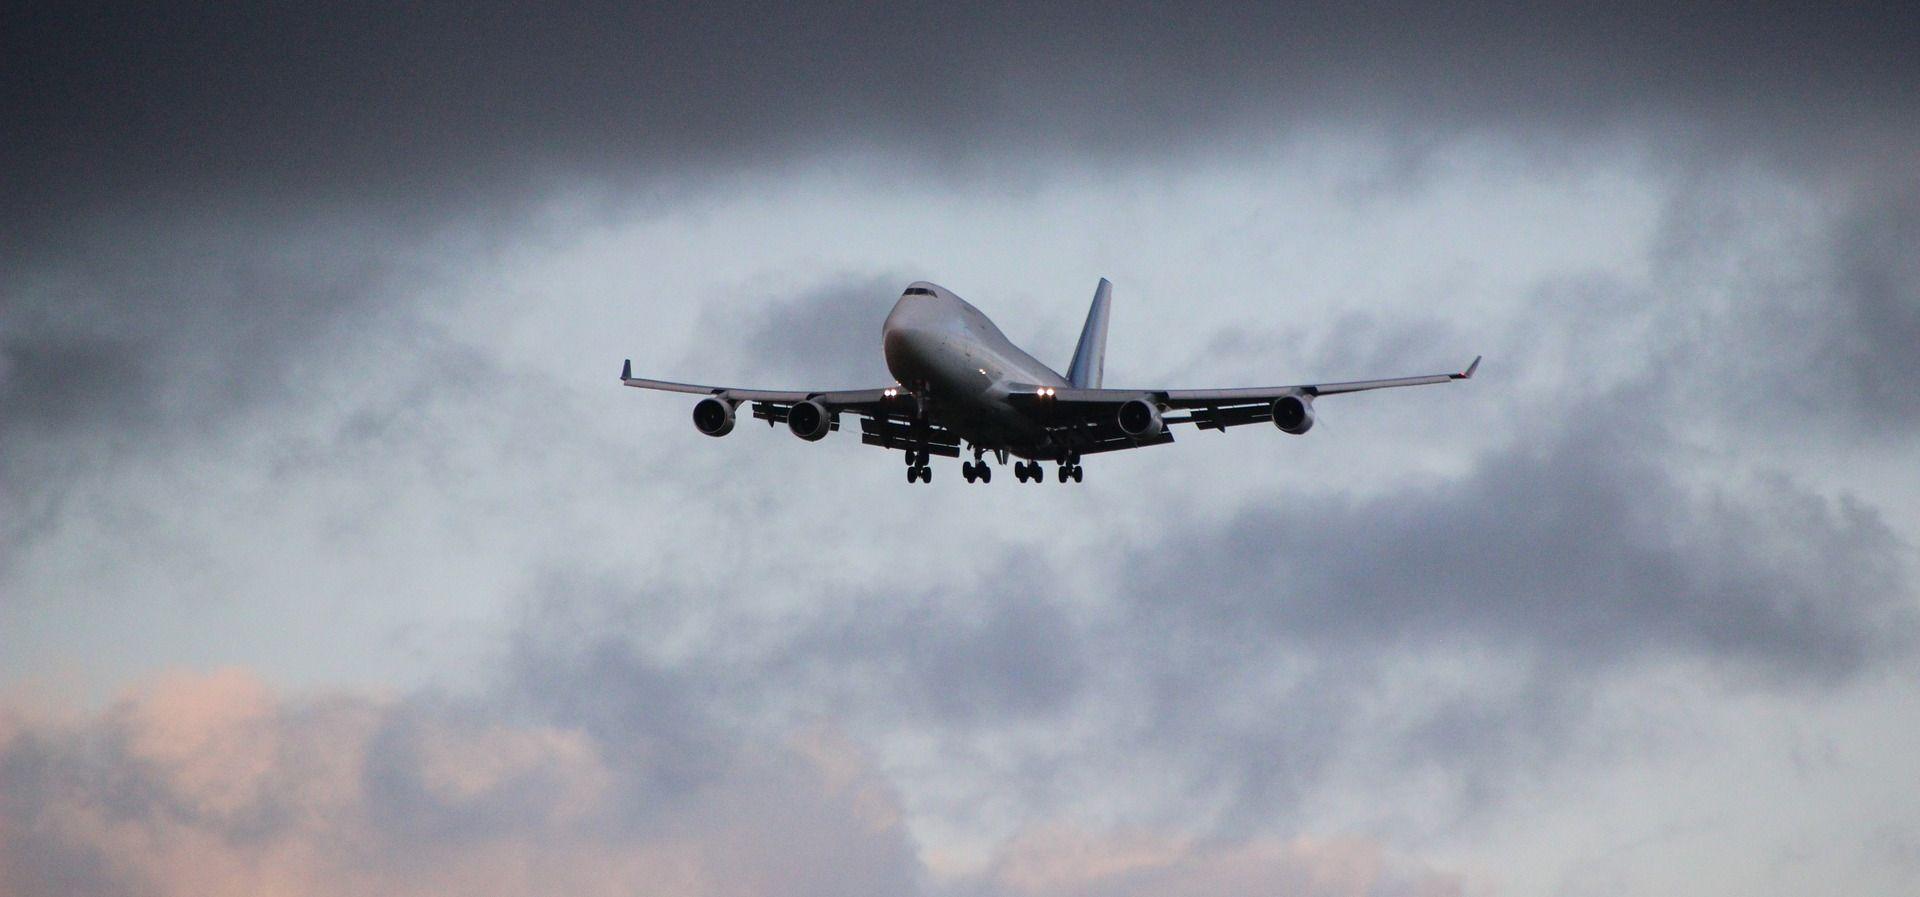 PRVI DIV NEBA Posljednji američki let Boeinga 747